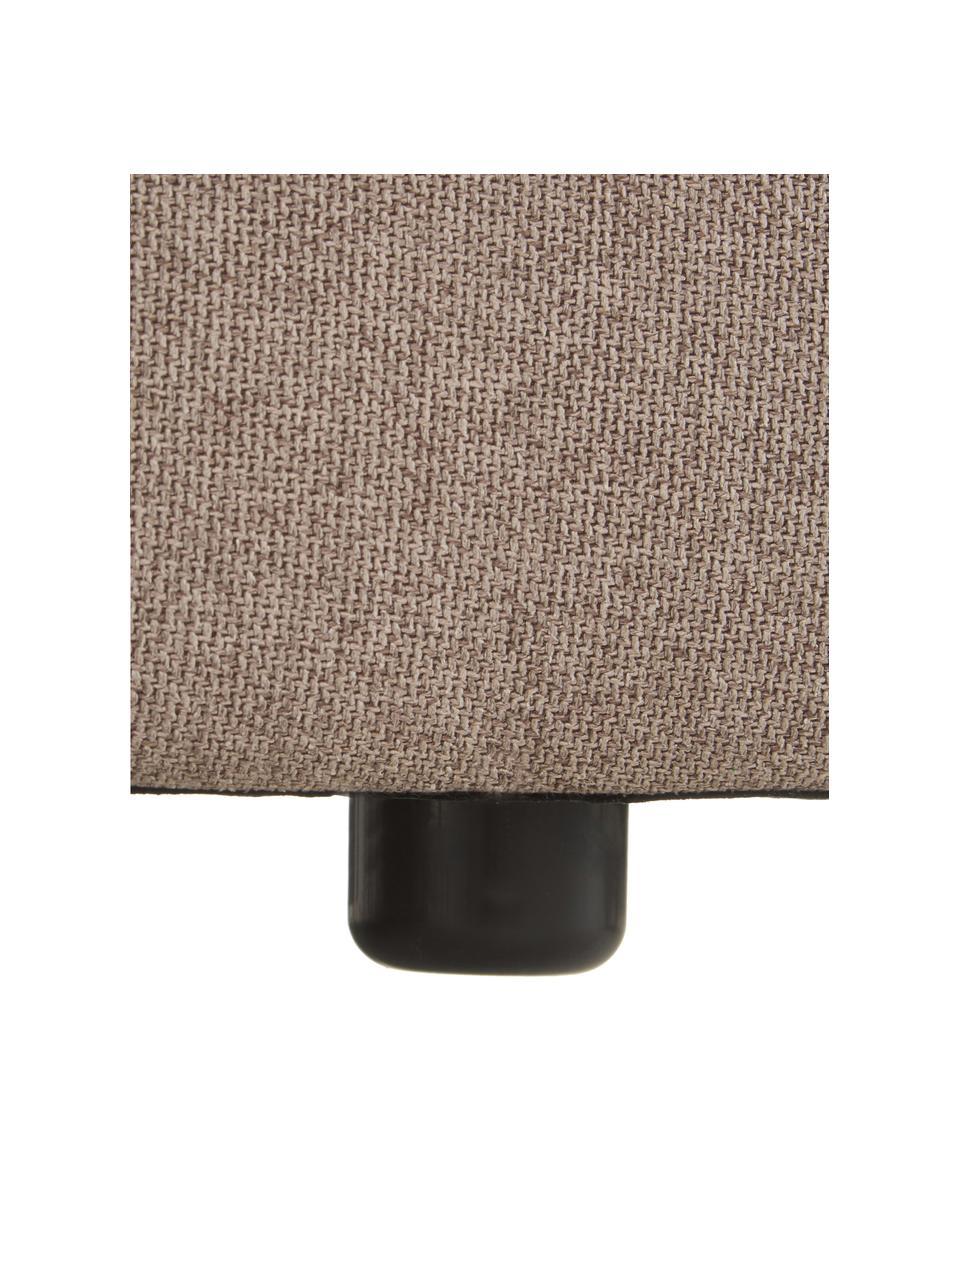 Poggiapiedi da divano in tessuto marrone Lennon, Rivestimento: 100% poliestere Con 115.0, Struttura: legno di pino massiccio, , Piedini: plastica I piedini si tro, Tessuto marrone, Larg. 88 x Alt. 43 cm